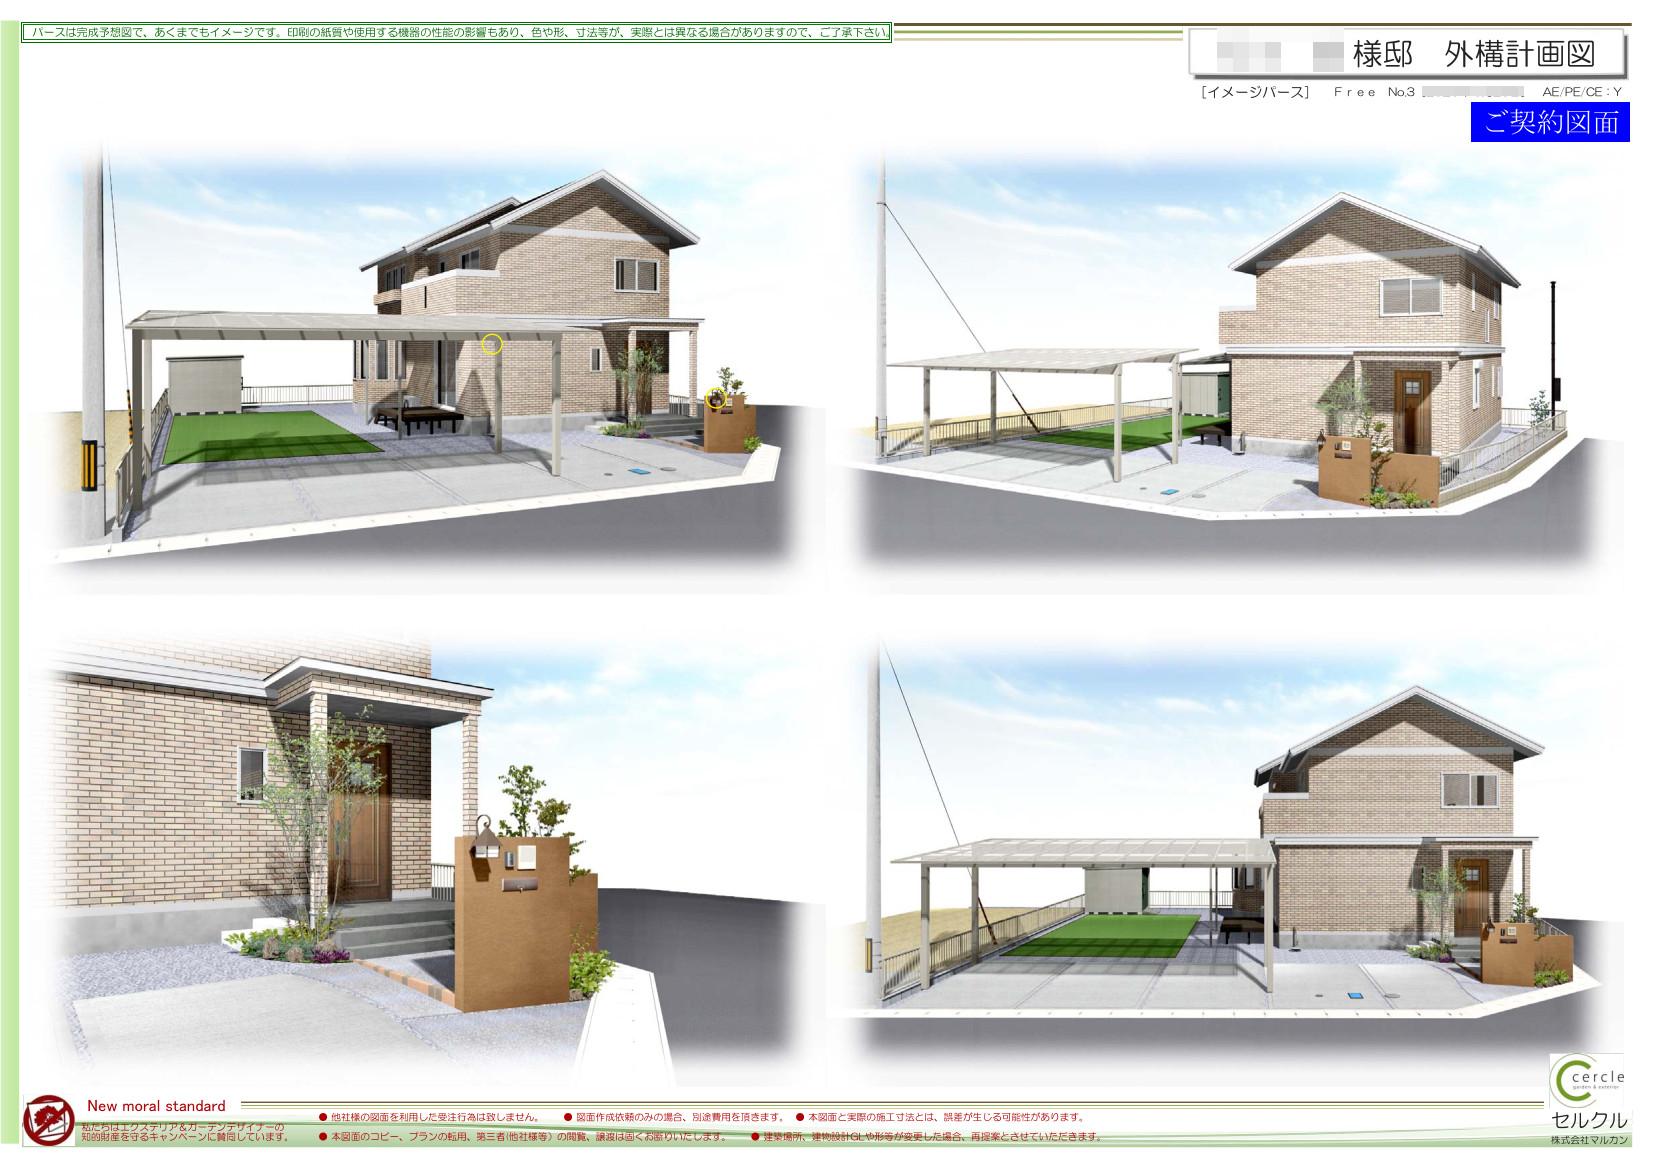 【四日市】機能的なお庭のパース